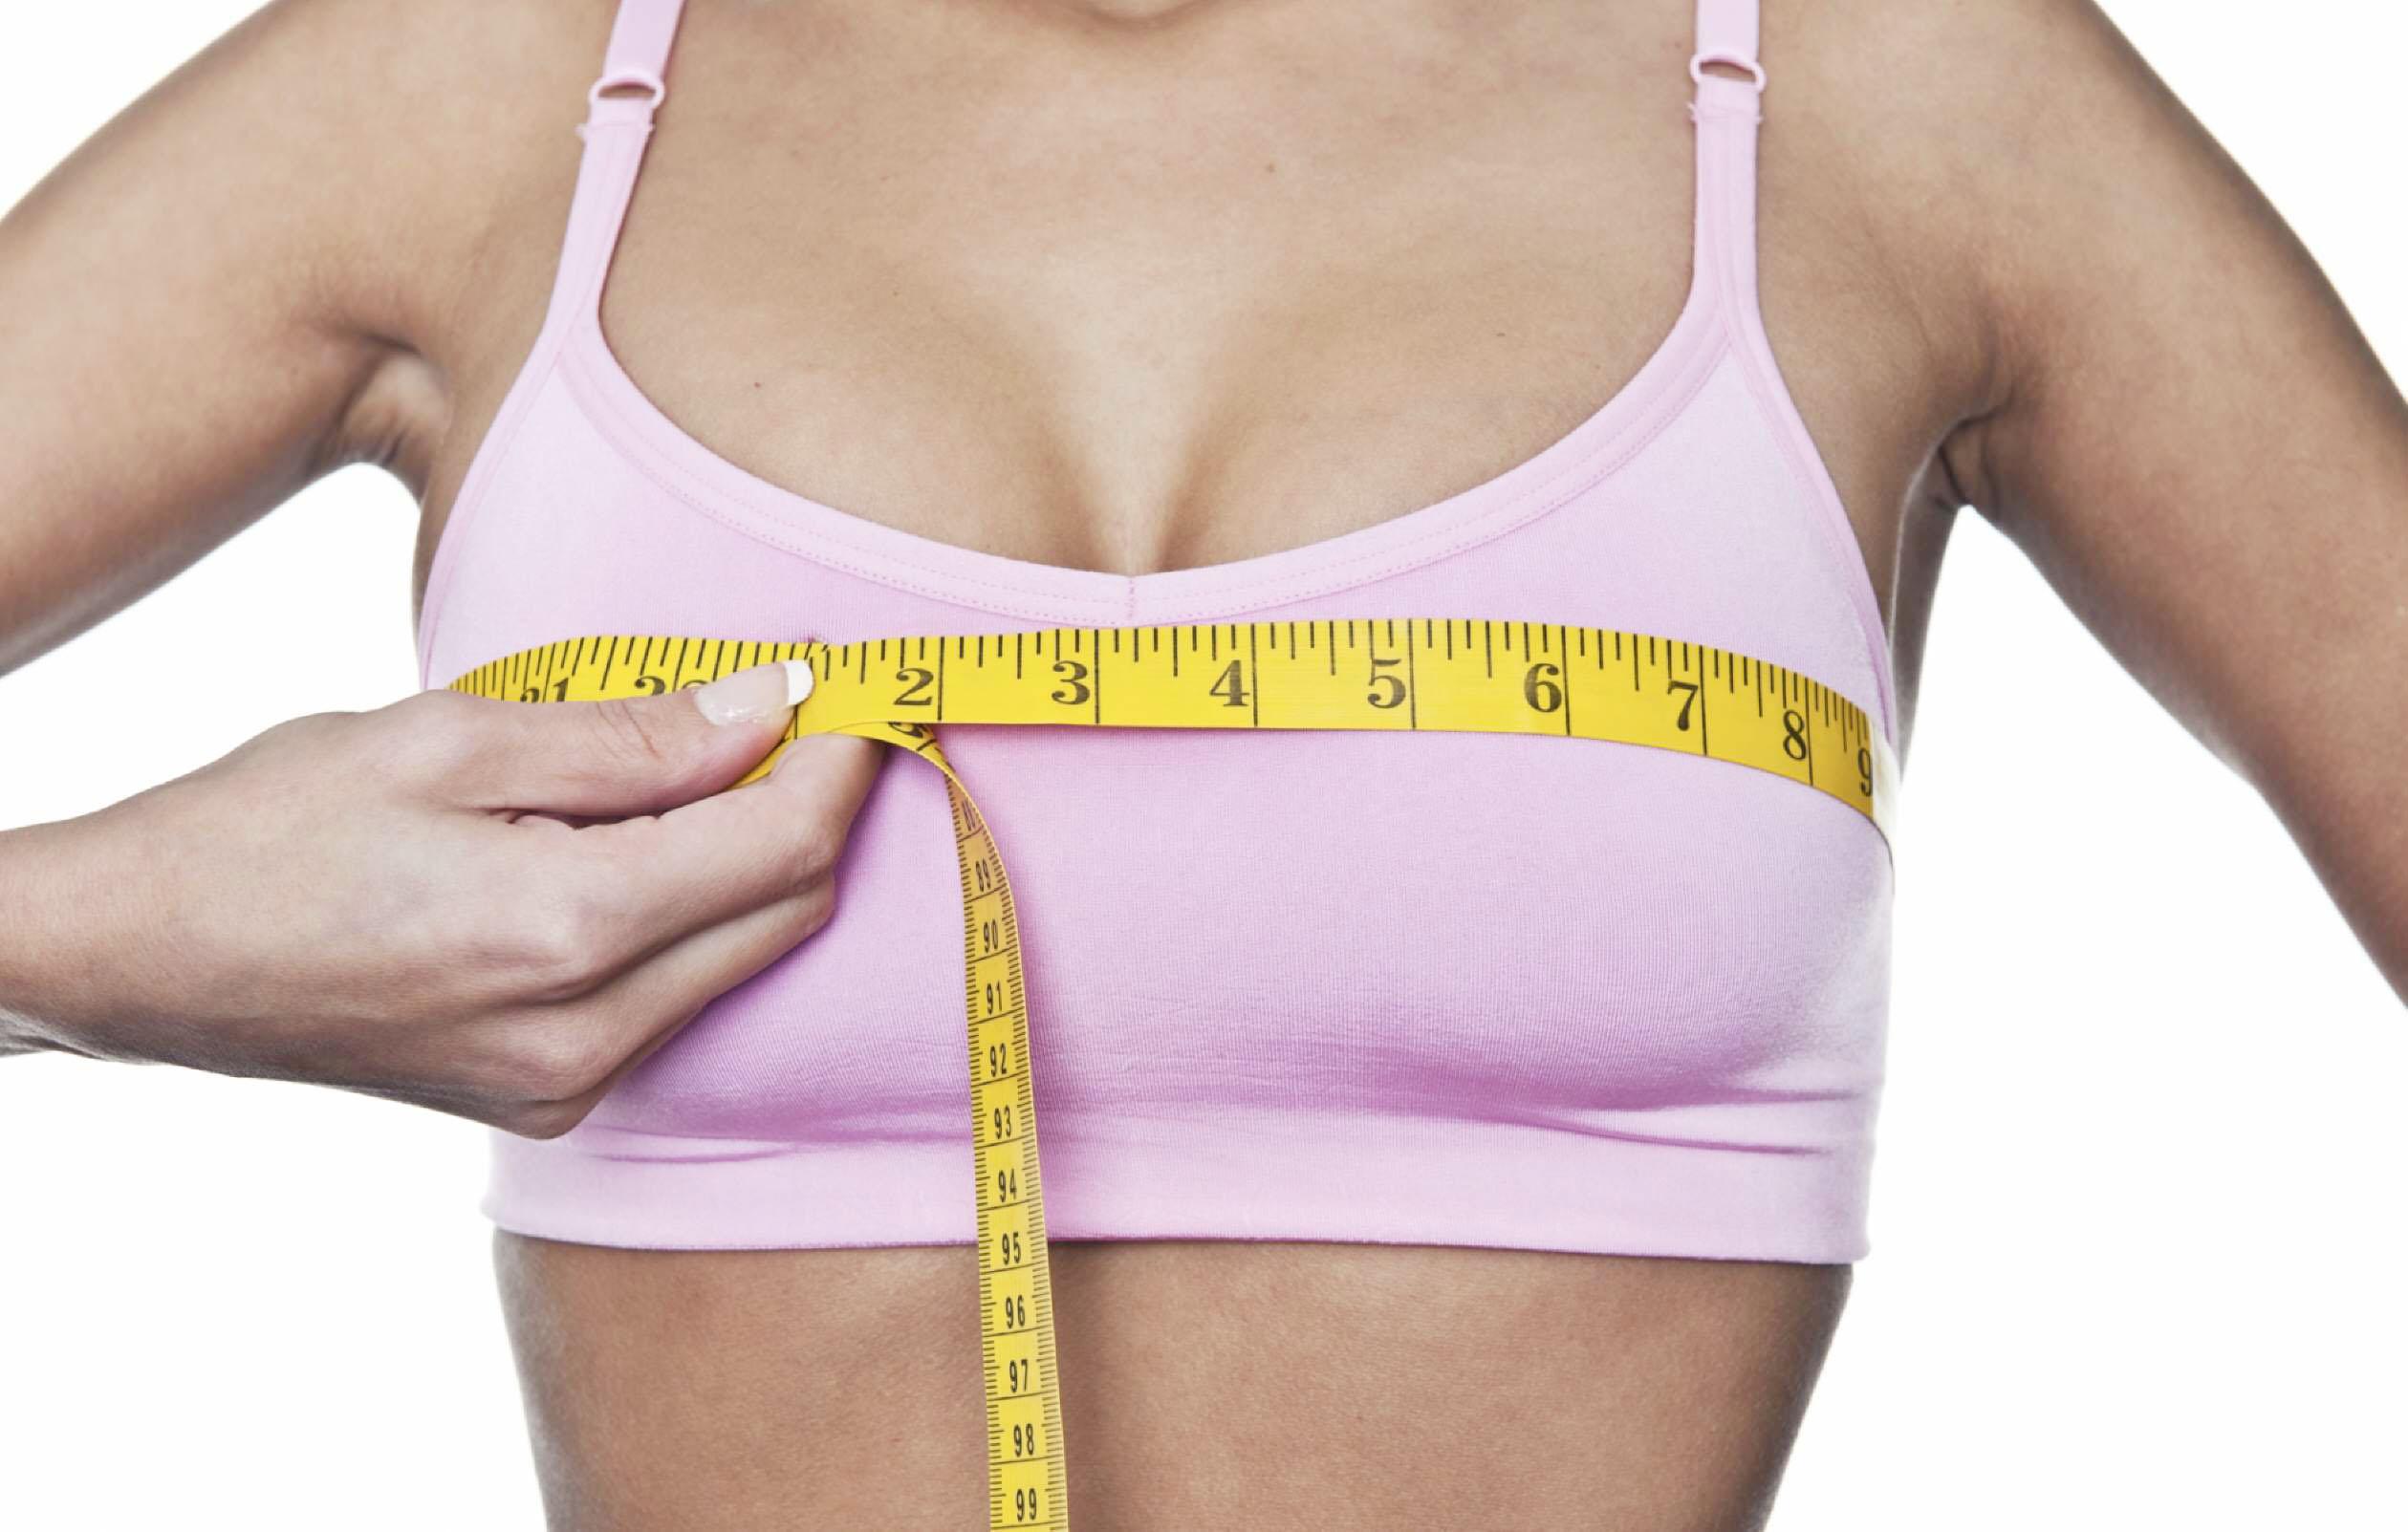 Aumento de mama, la cirugía estética más demandada